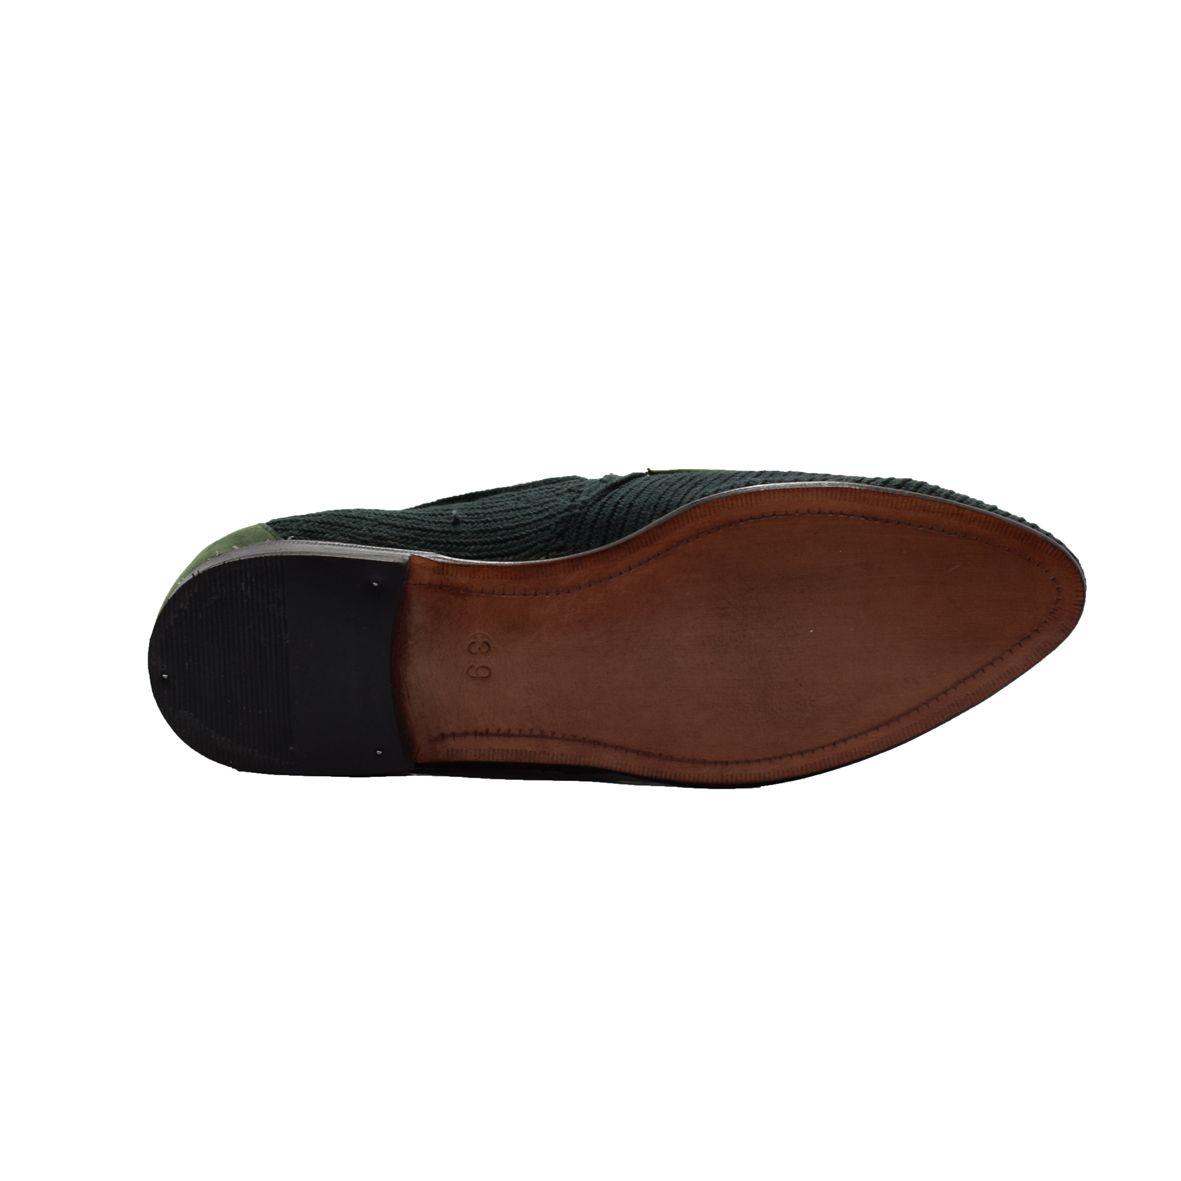 کفش زنانه دگرمان مدل آبان کد deg.1ab1003 -  - 6